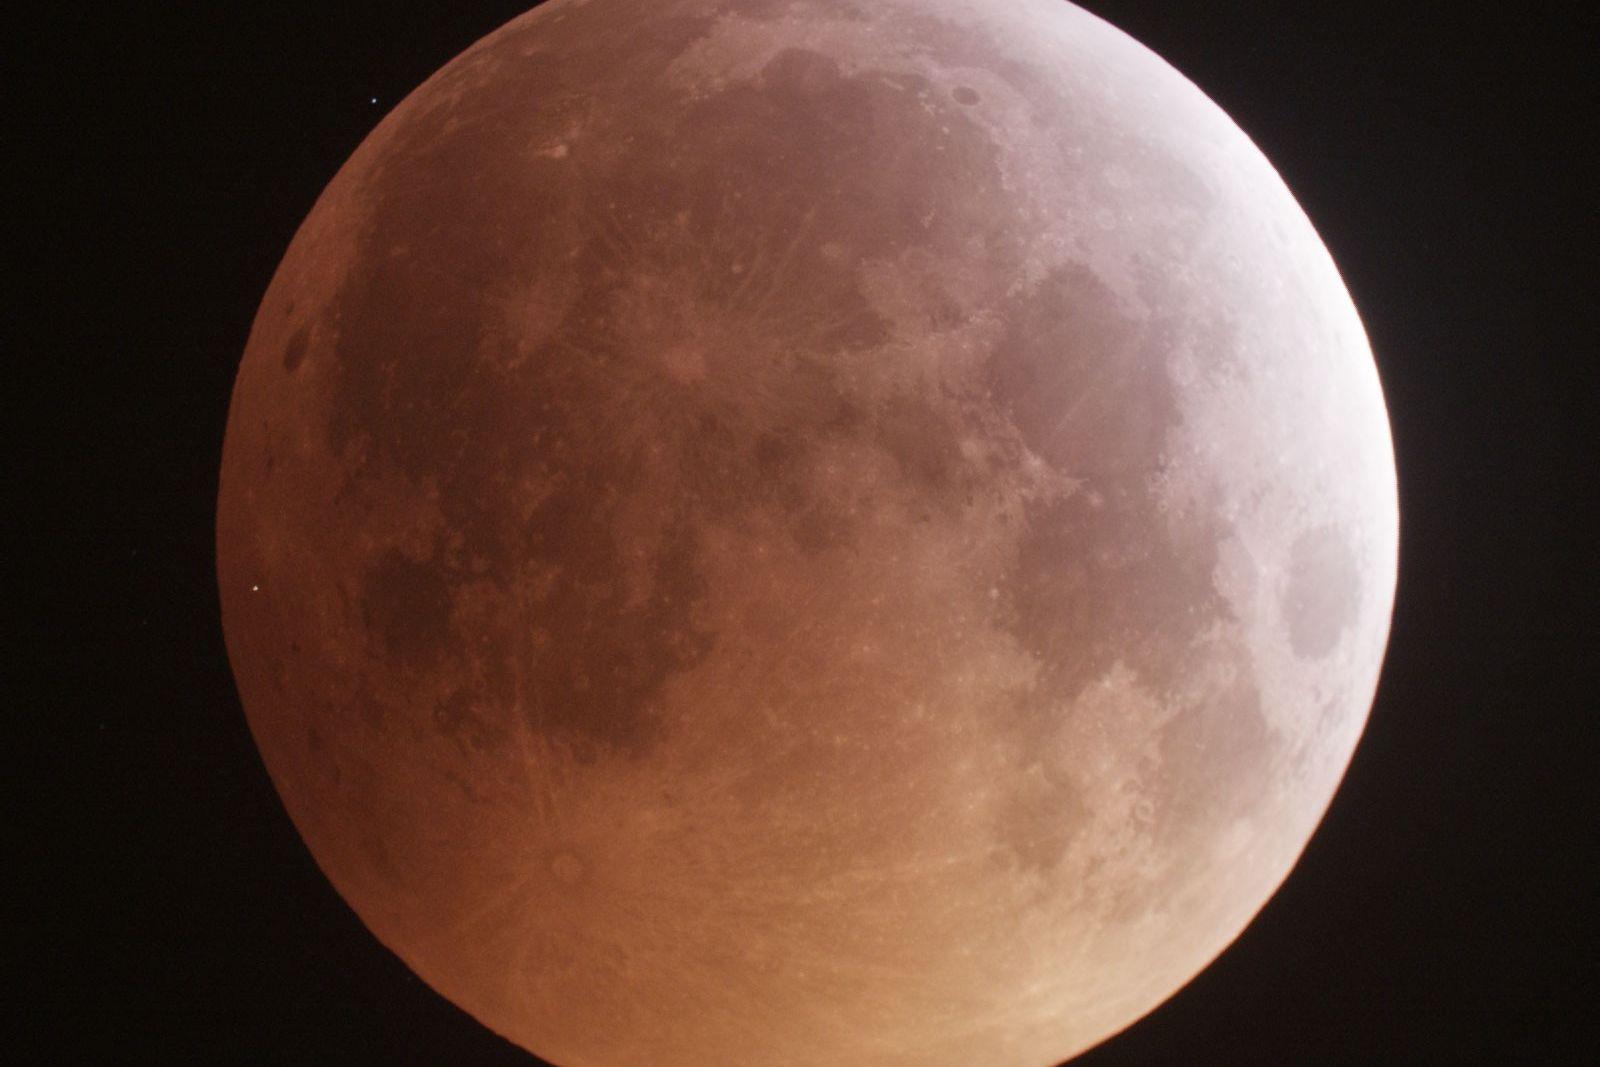 Der helle Lichtpunkt am linken Rand des Mondes hält jenen Moment fest, in dem ein Meteorit ...